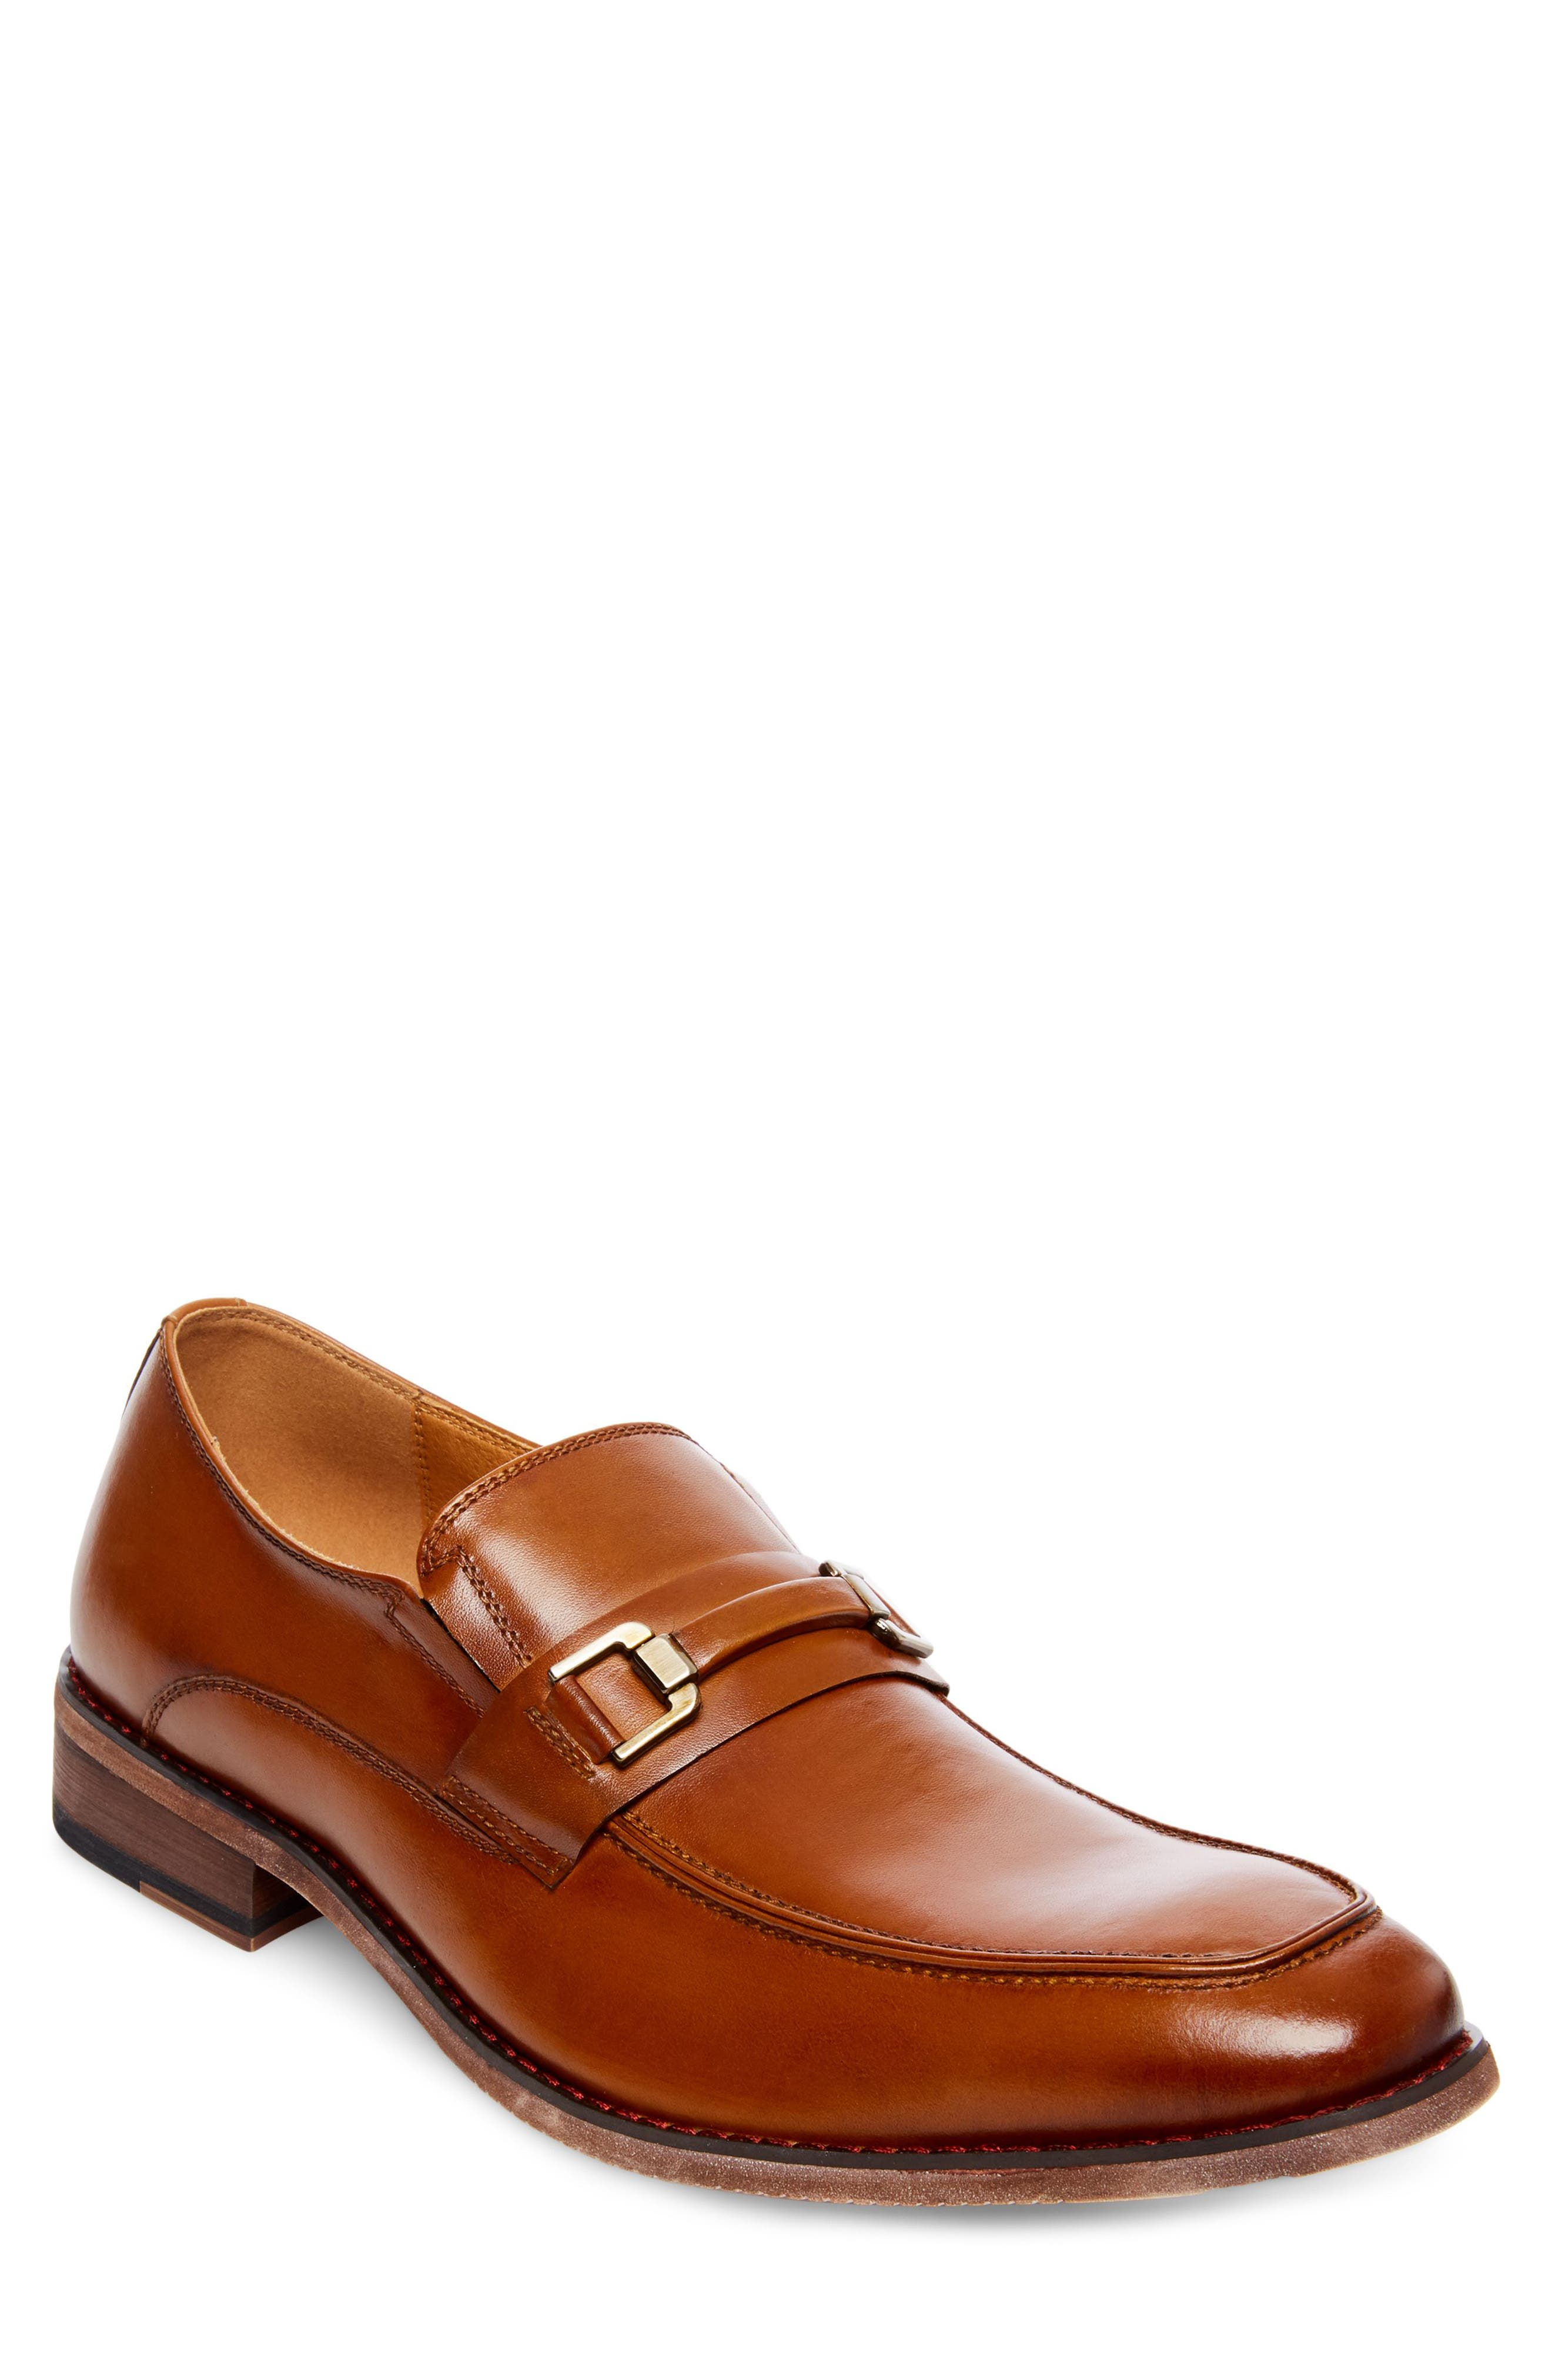 Fenter Bit Loafer,                         Main,                         color, TAN